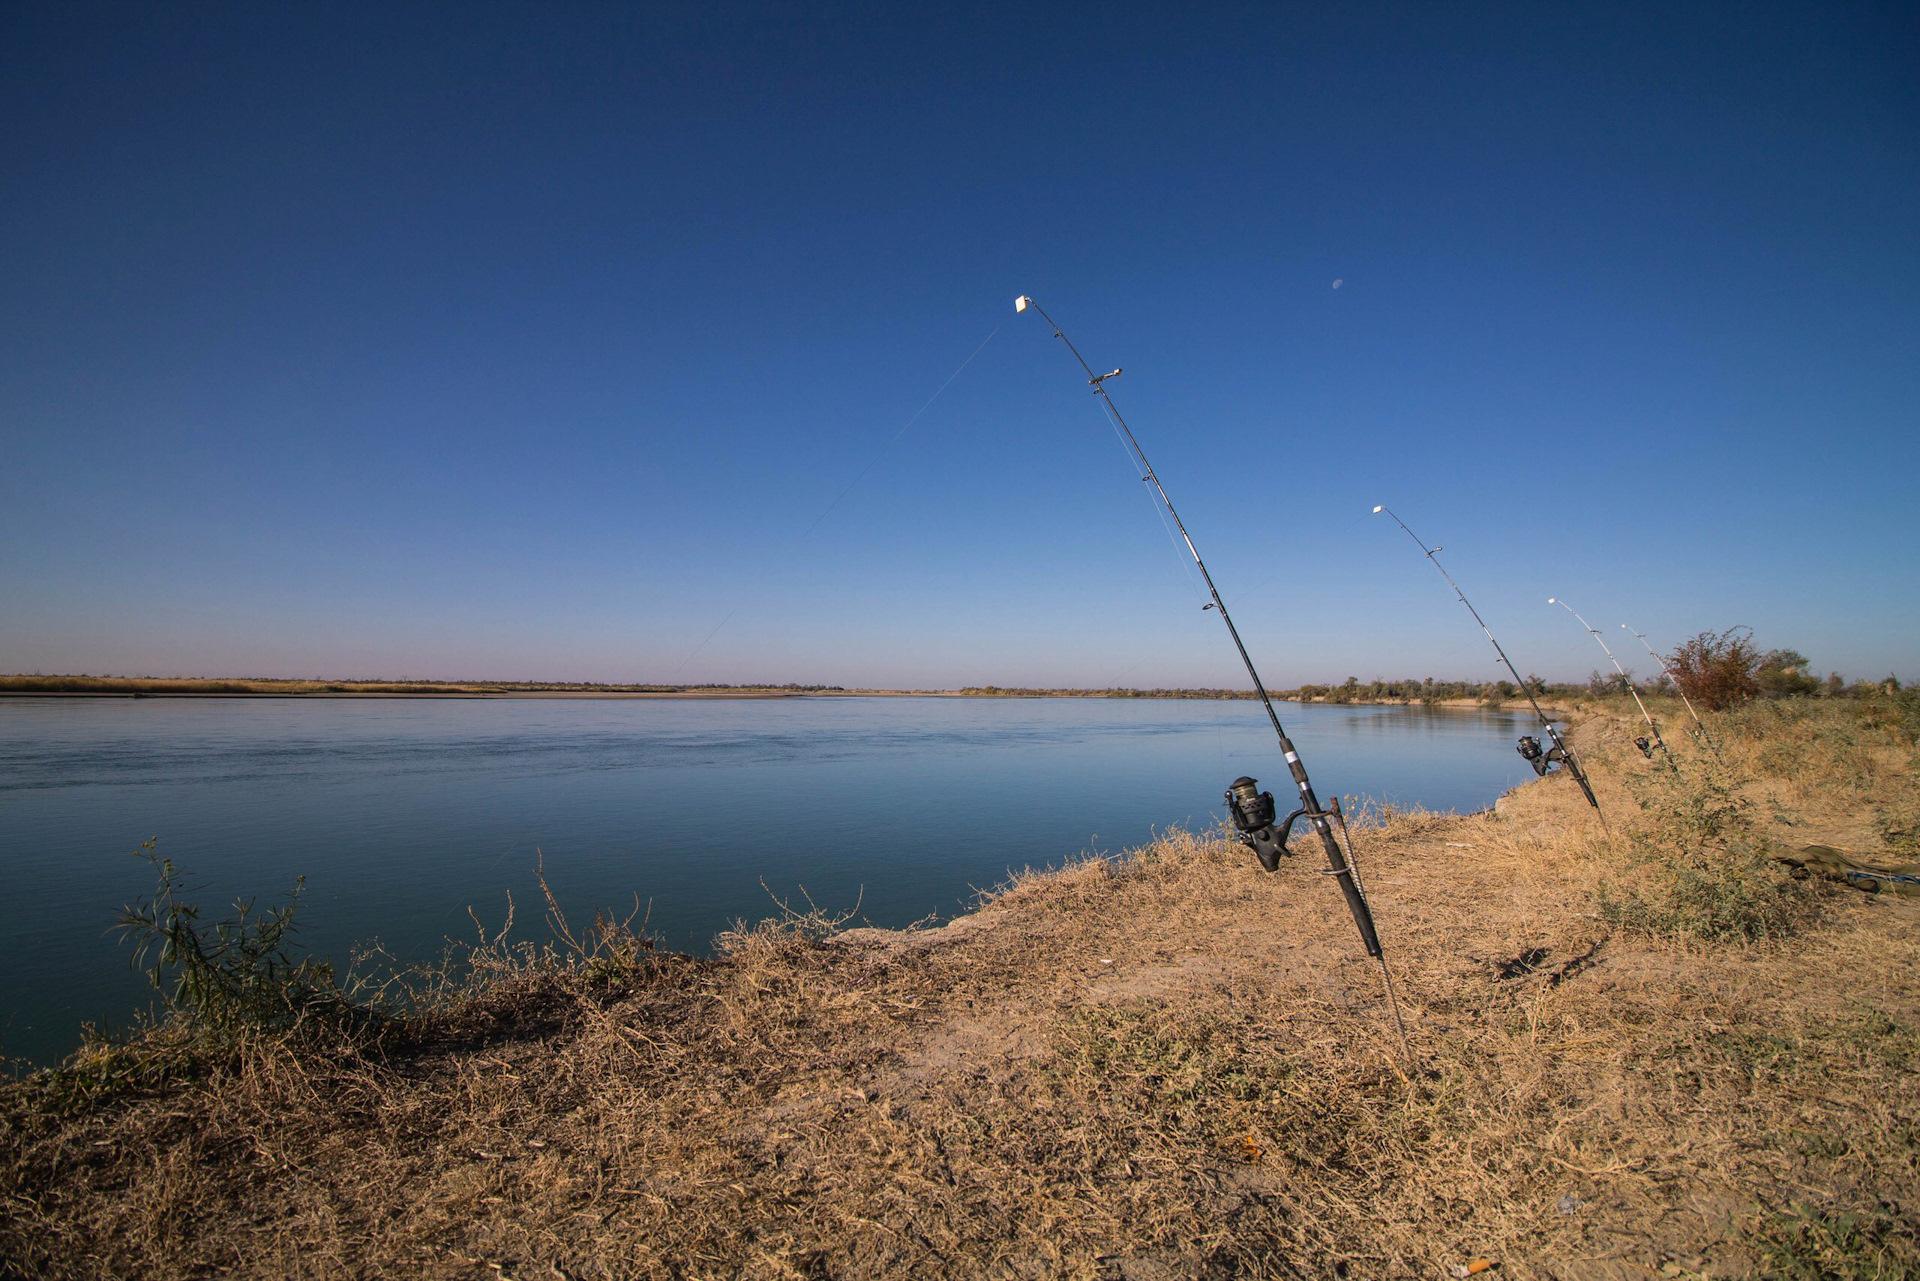 выставка охота и рыбалка в крокусе экспо